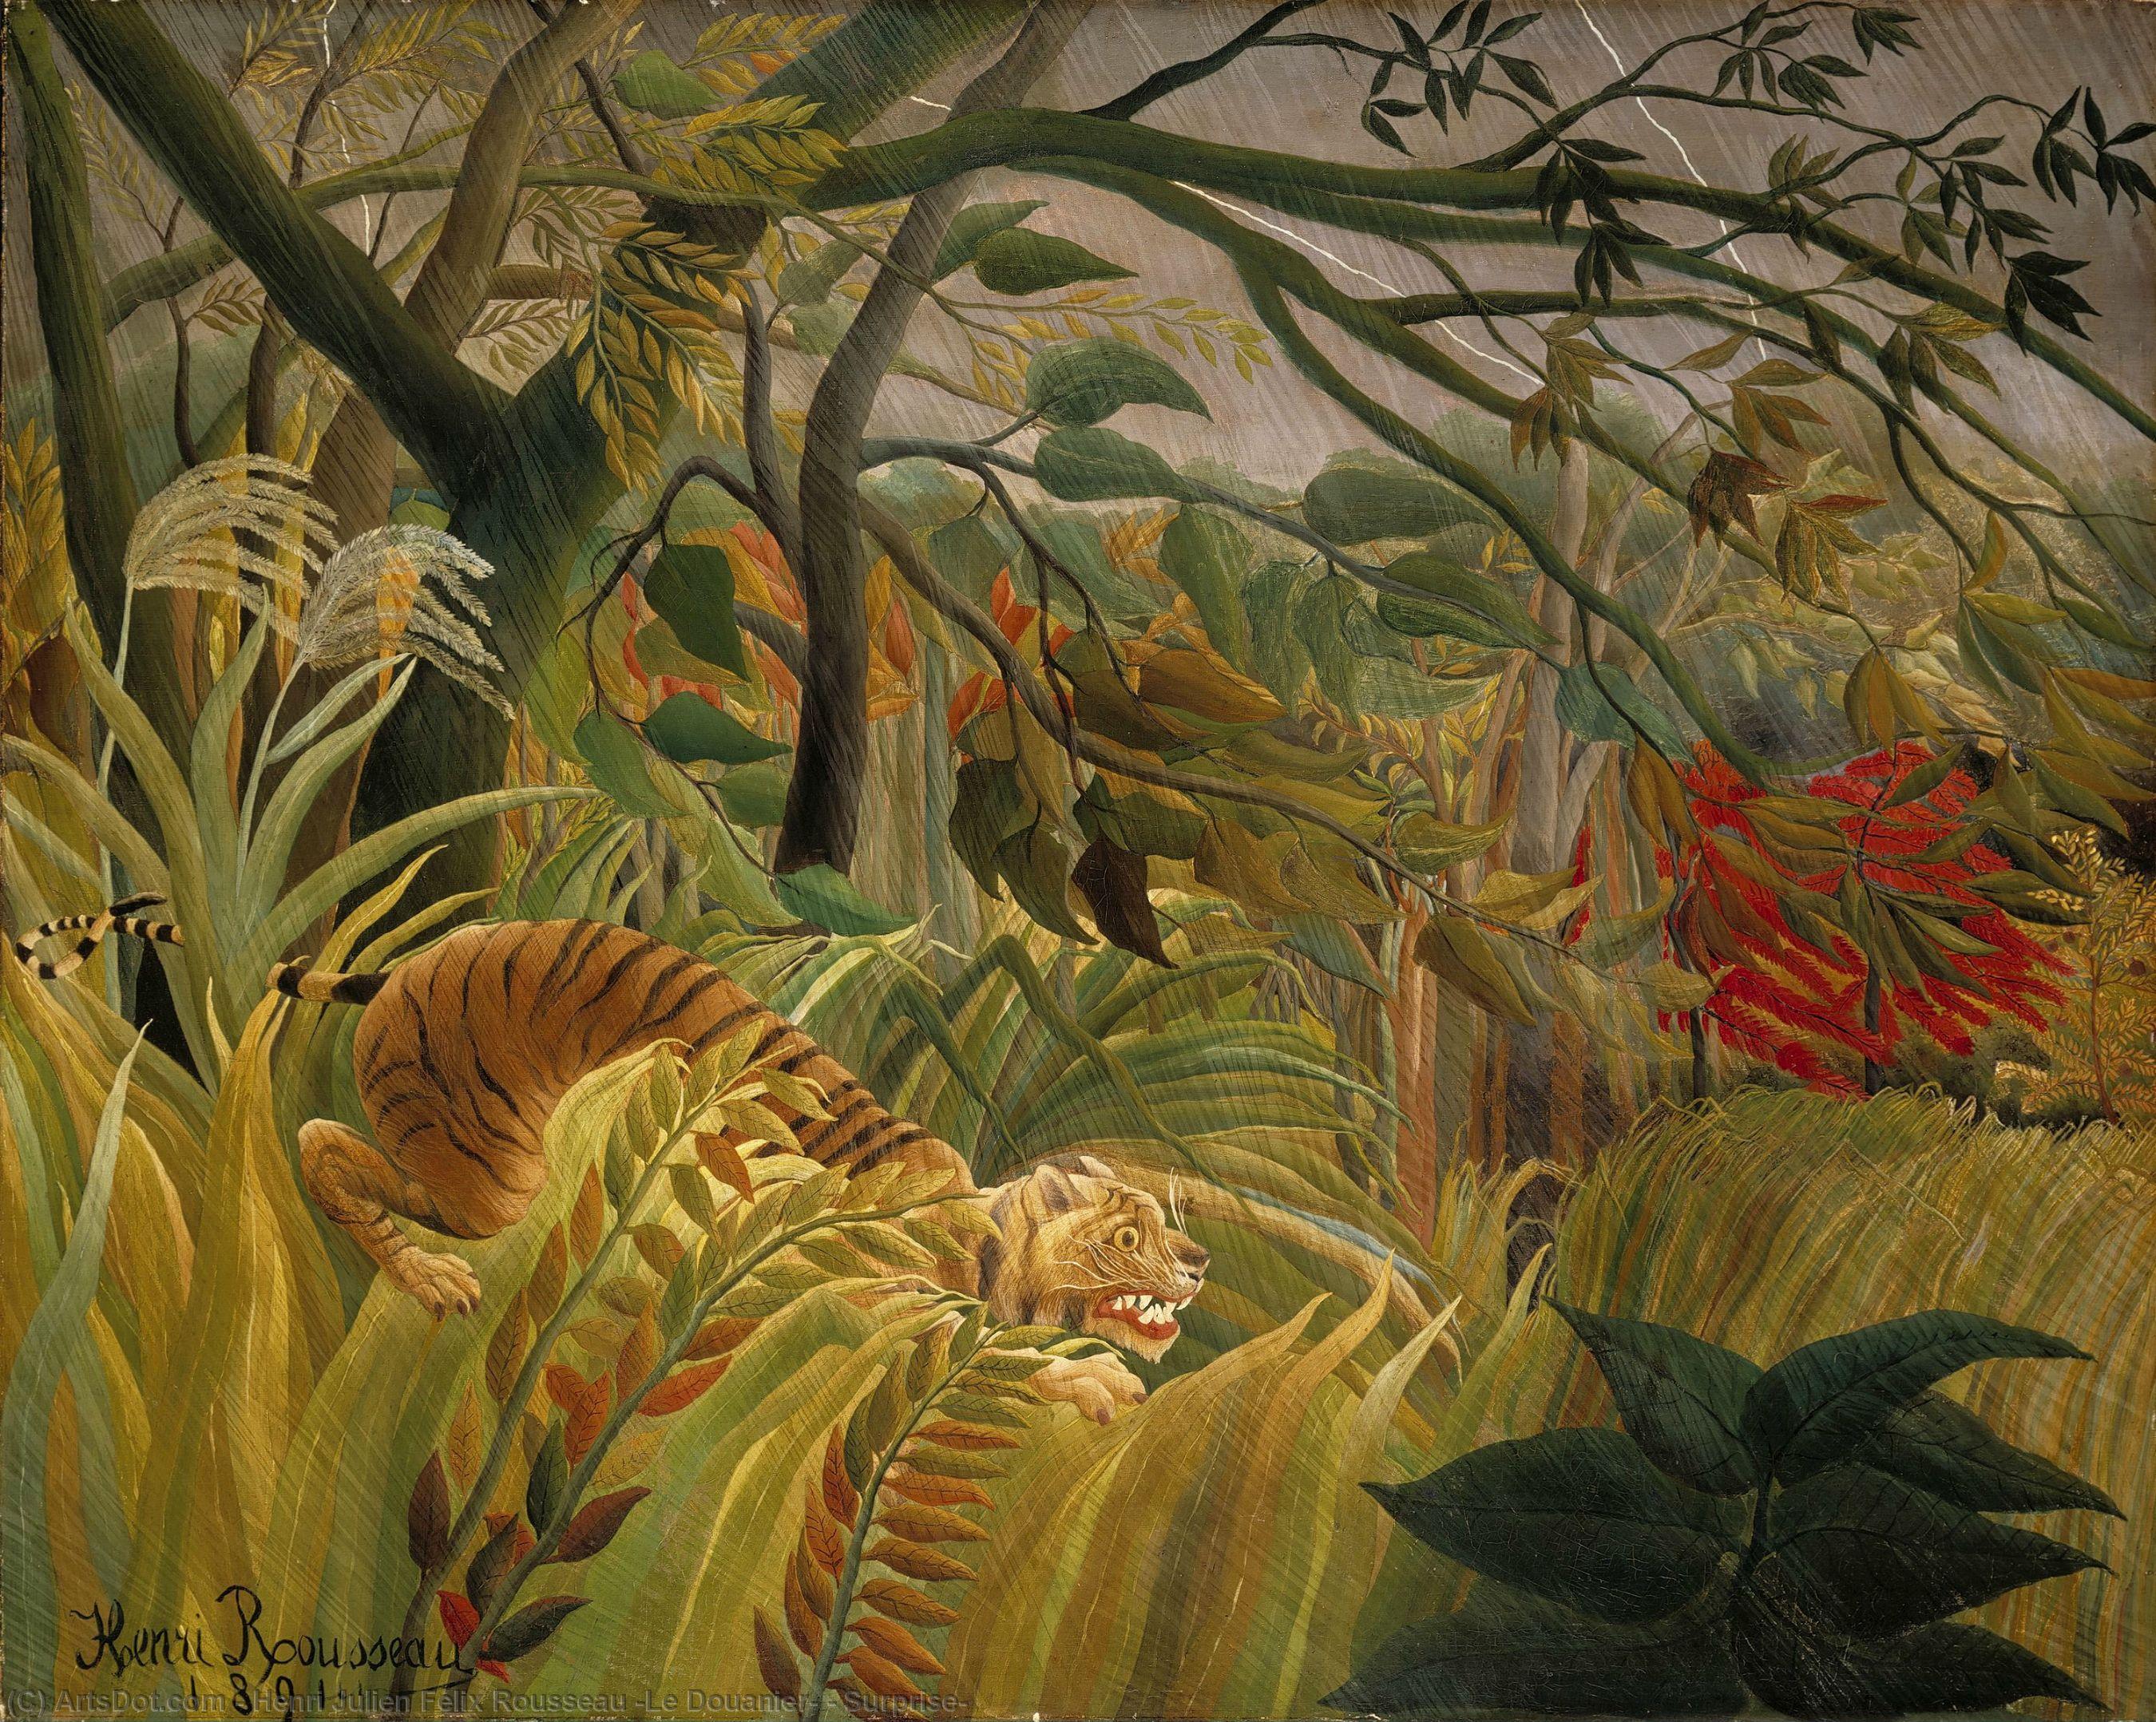 Wikioo.org - The Encyclopedia of Fine Arts - Painting, Artwork by Henri Julien Félix Rousseau (Le Douanier) - Surprise!